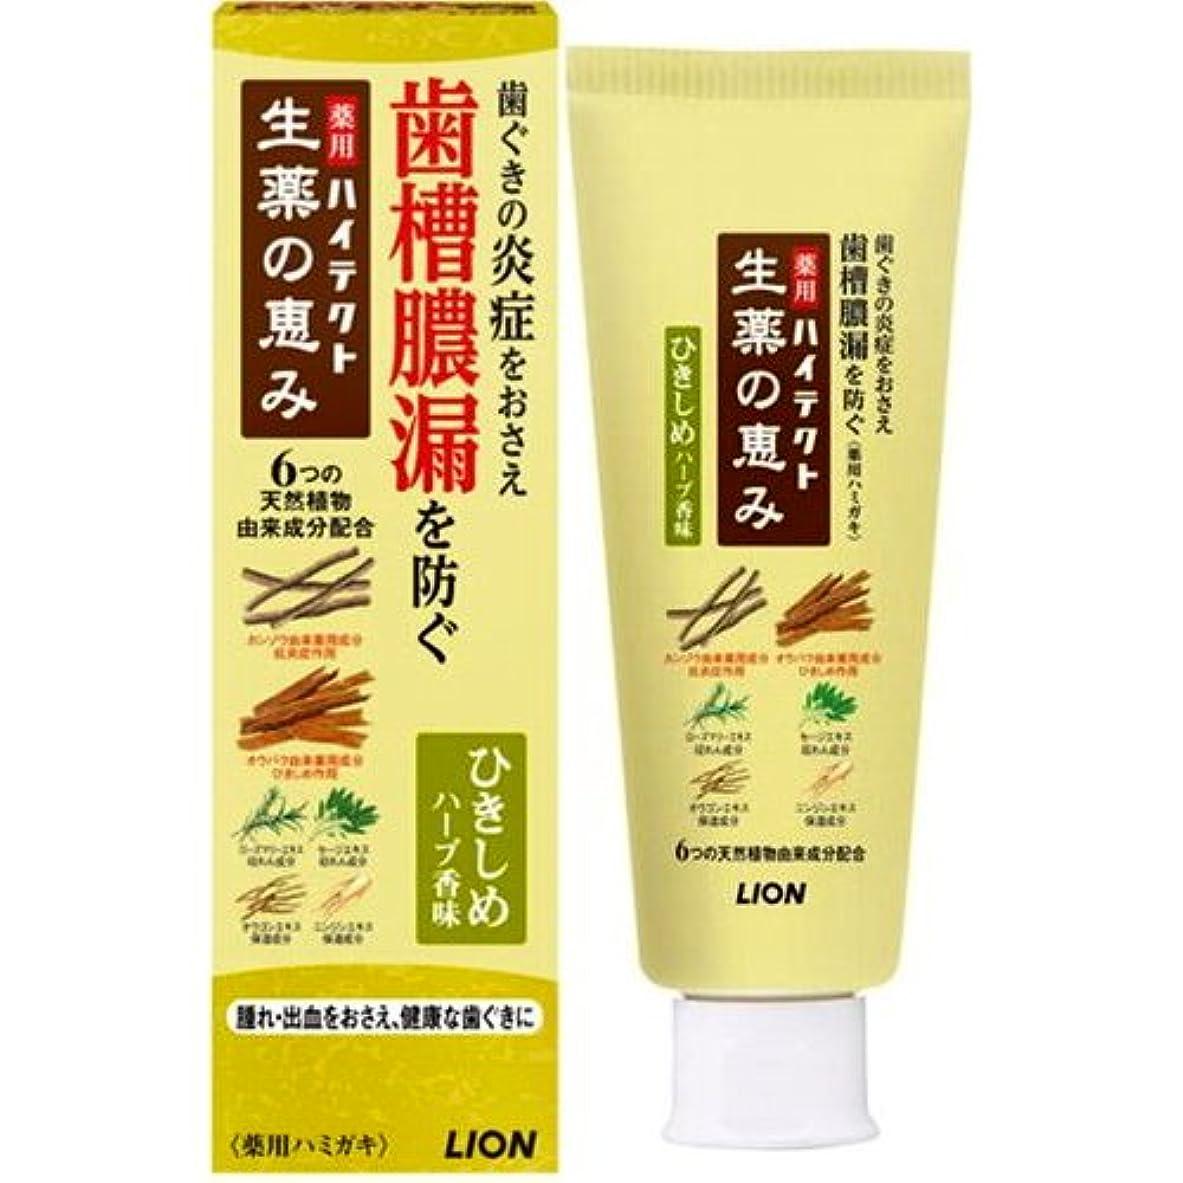 熟達した登場いいね【ライオン】ハイテクト 生薬の恵み ひきしめハーブ香味 90g ×3個セット